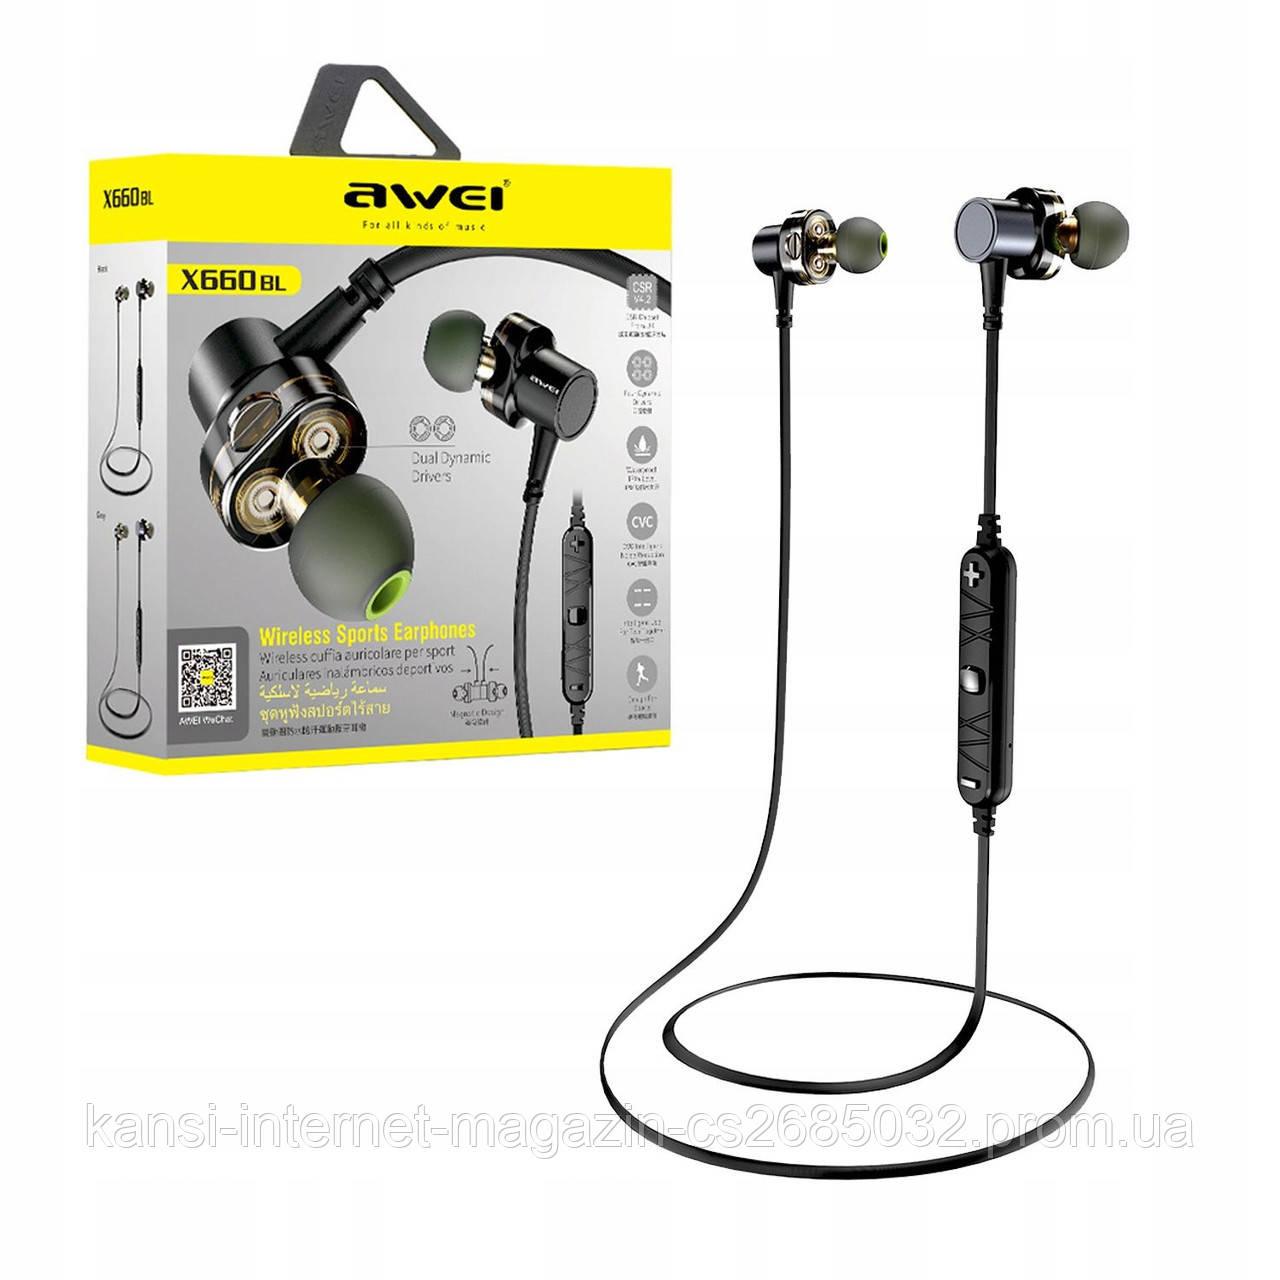 Бездротові Bluetooth-навушники Awei X660BL, вакуумні навушники, спортивні навушники c Вluetooth